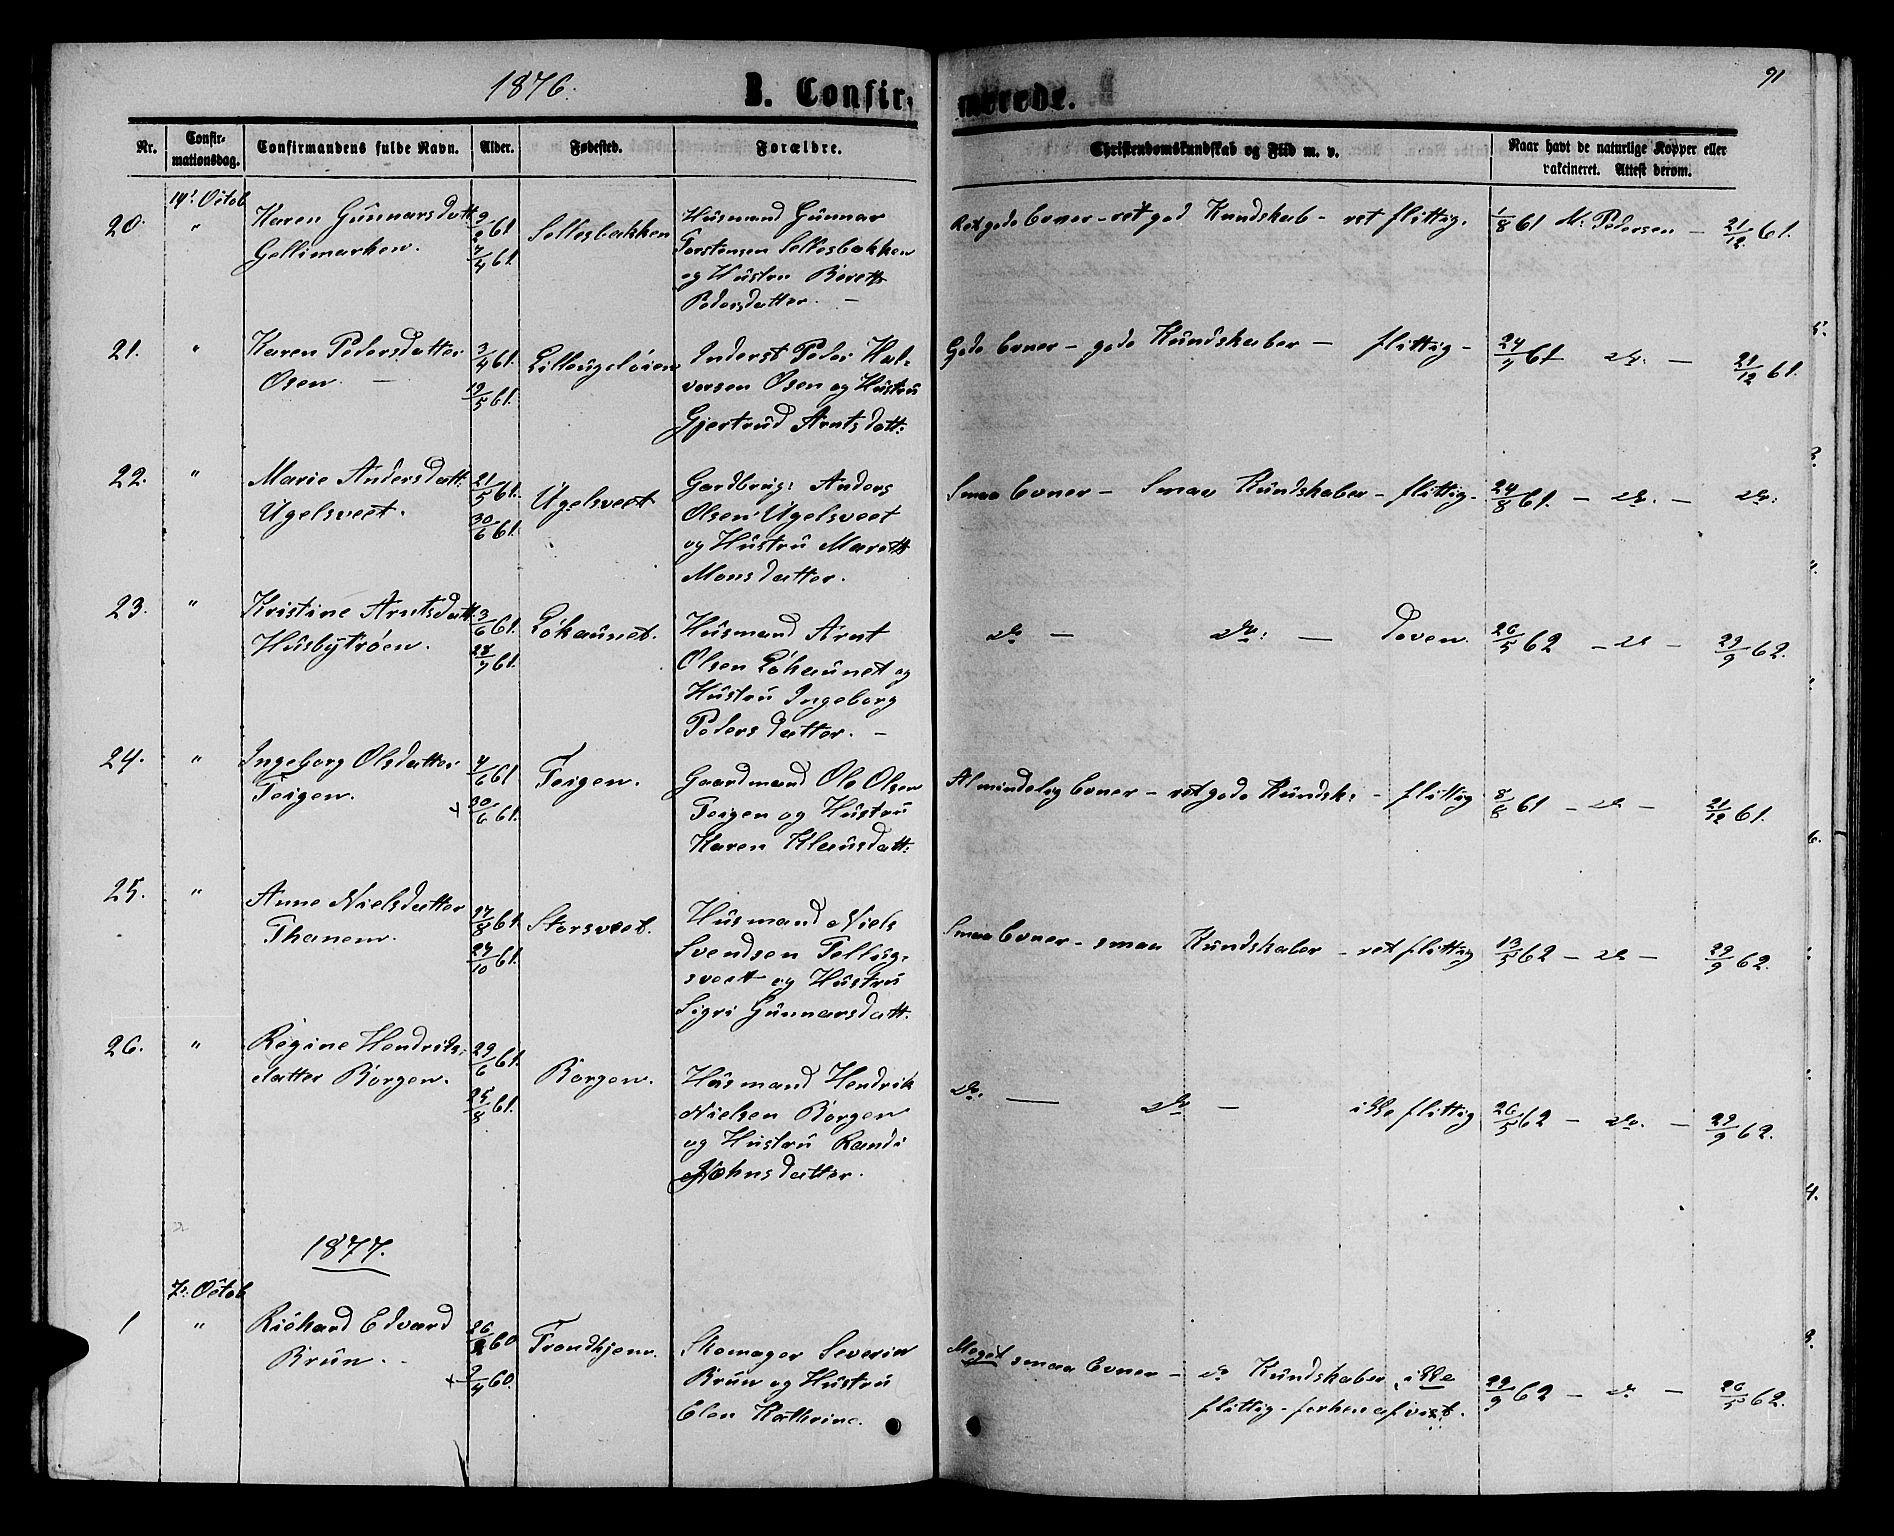 SAT, Ministerialprotokoller, klokkerbøker og fødselsregistre - Sør-Trøndelag, 618/L0451: Klokkerbok nr. 618C02, 1865-1883, s. 91